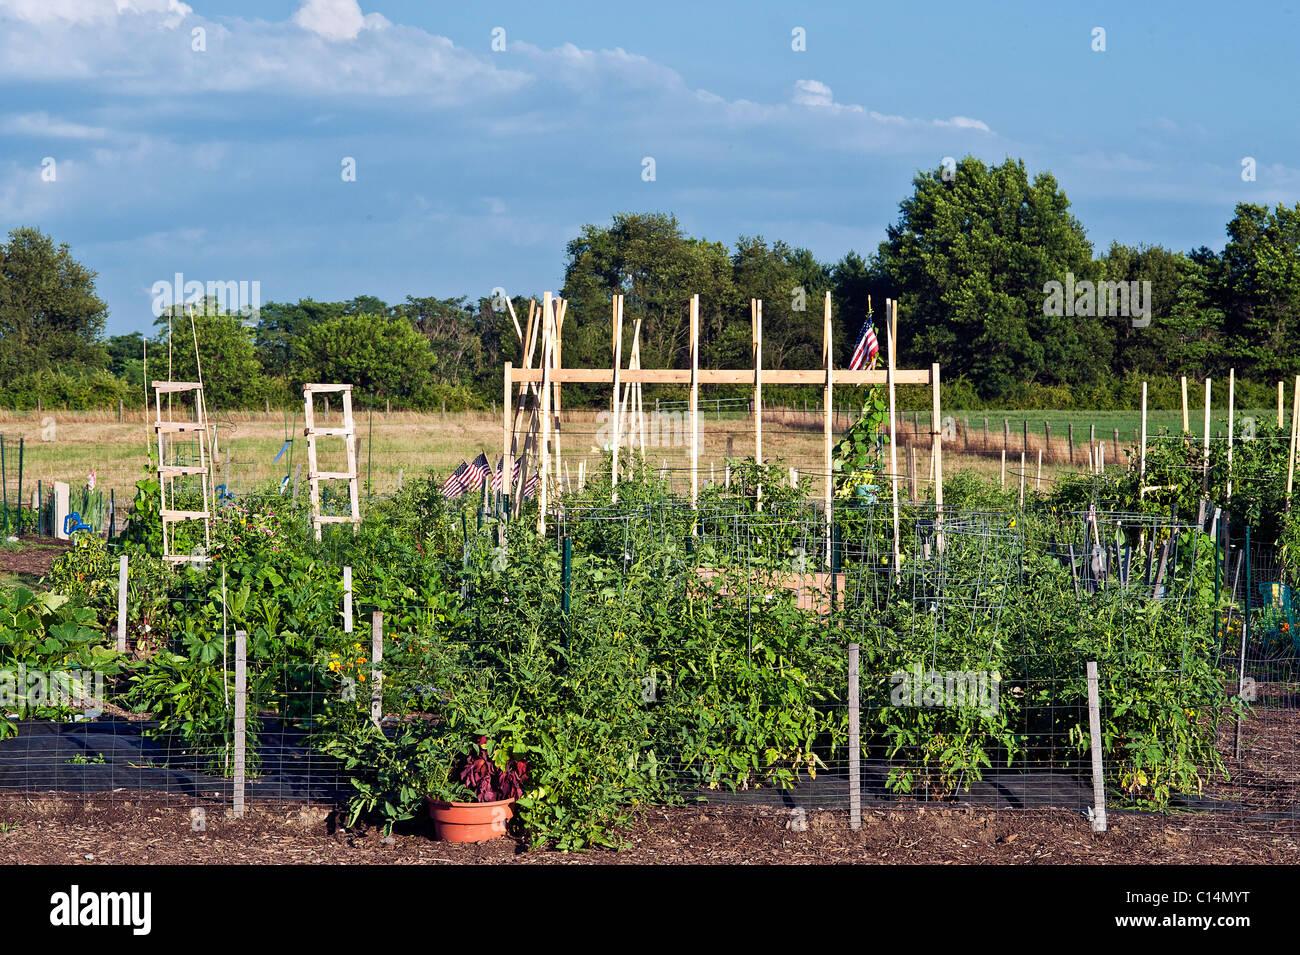 Jardín comunitario Imagen De Stock